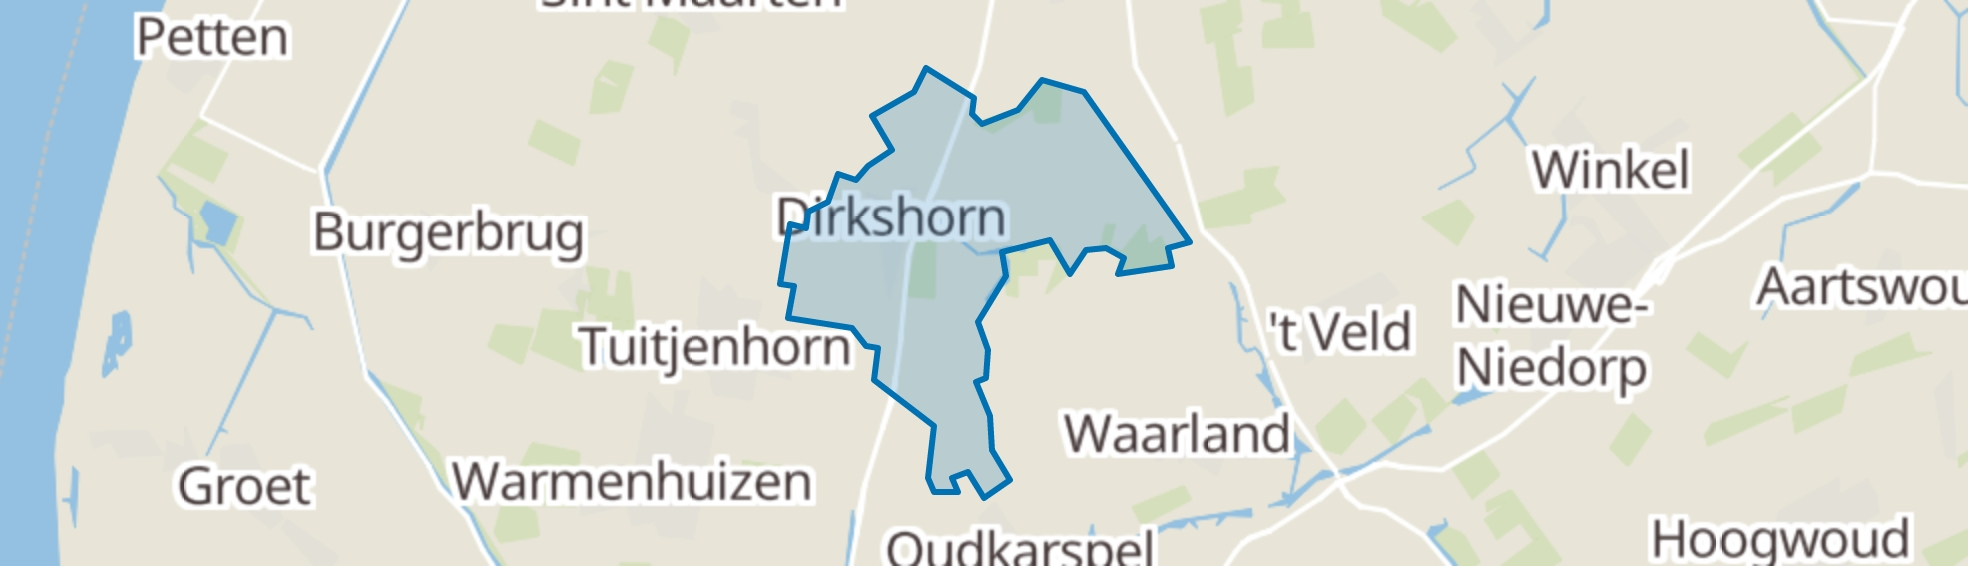 Dirkshorn map